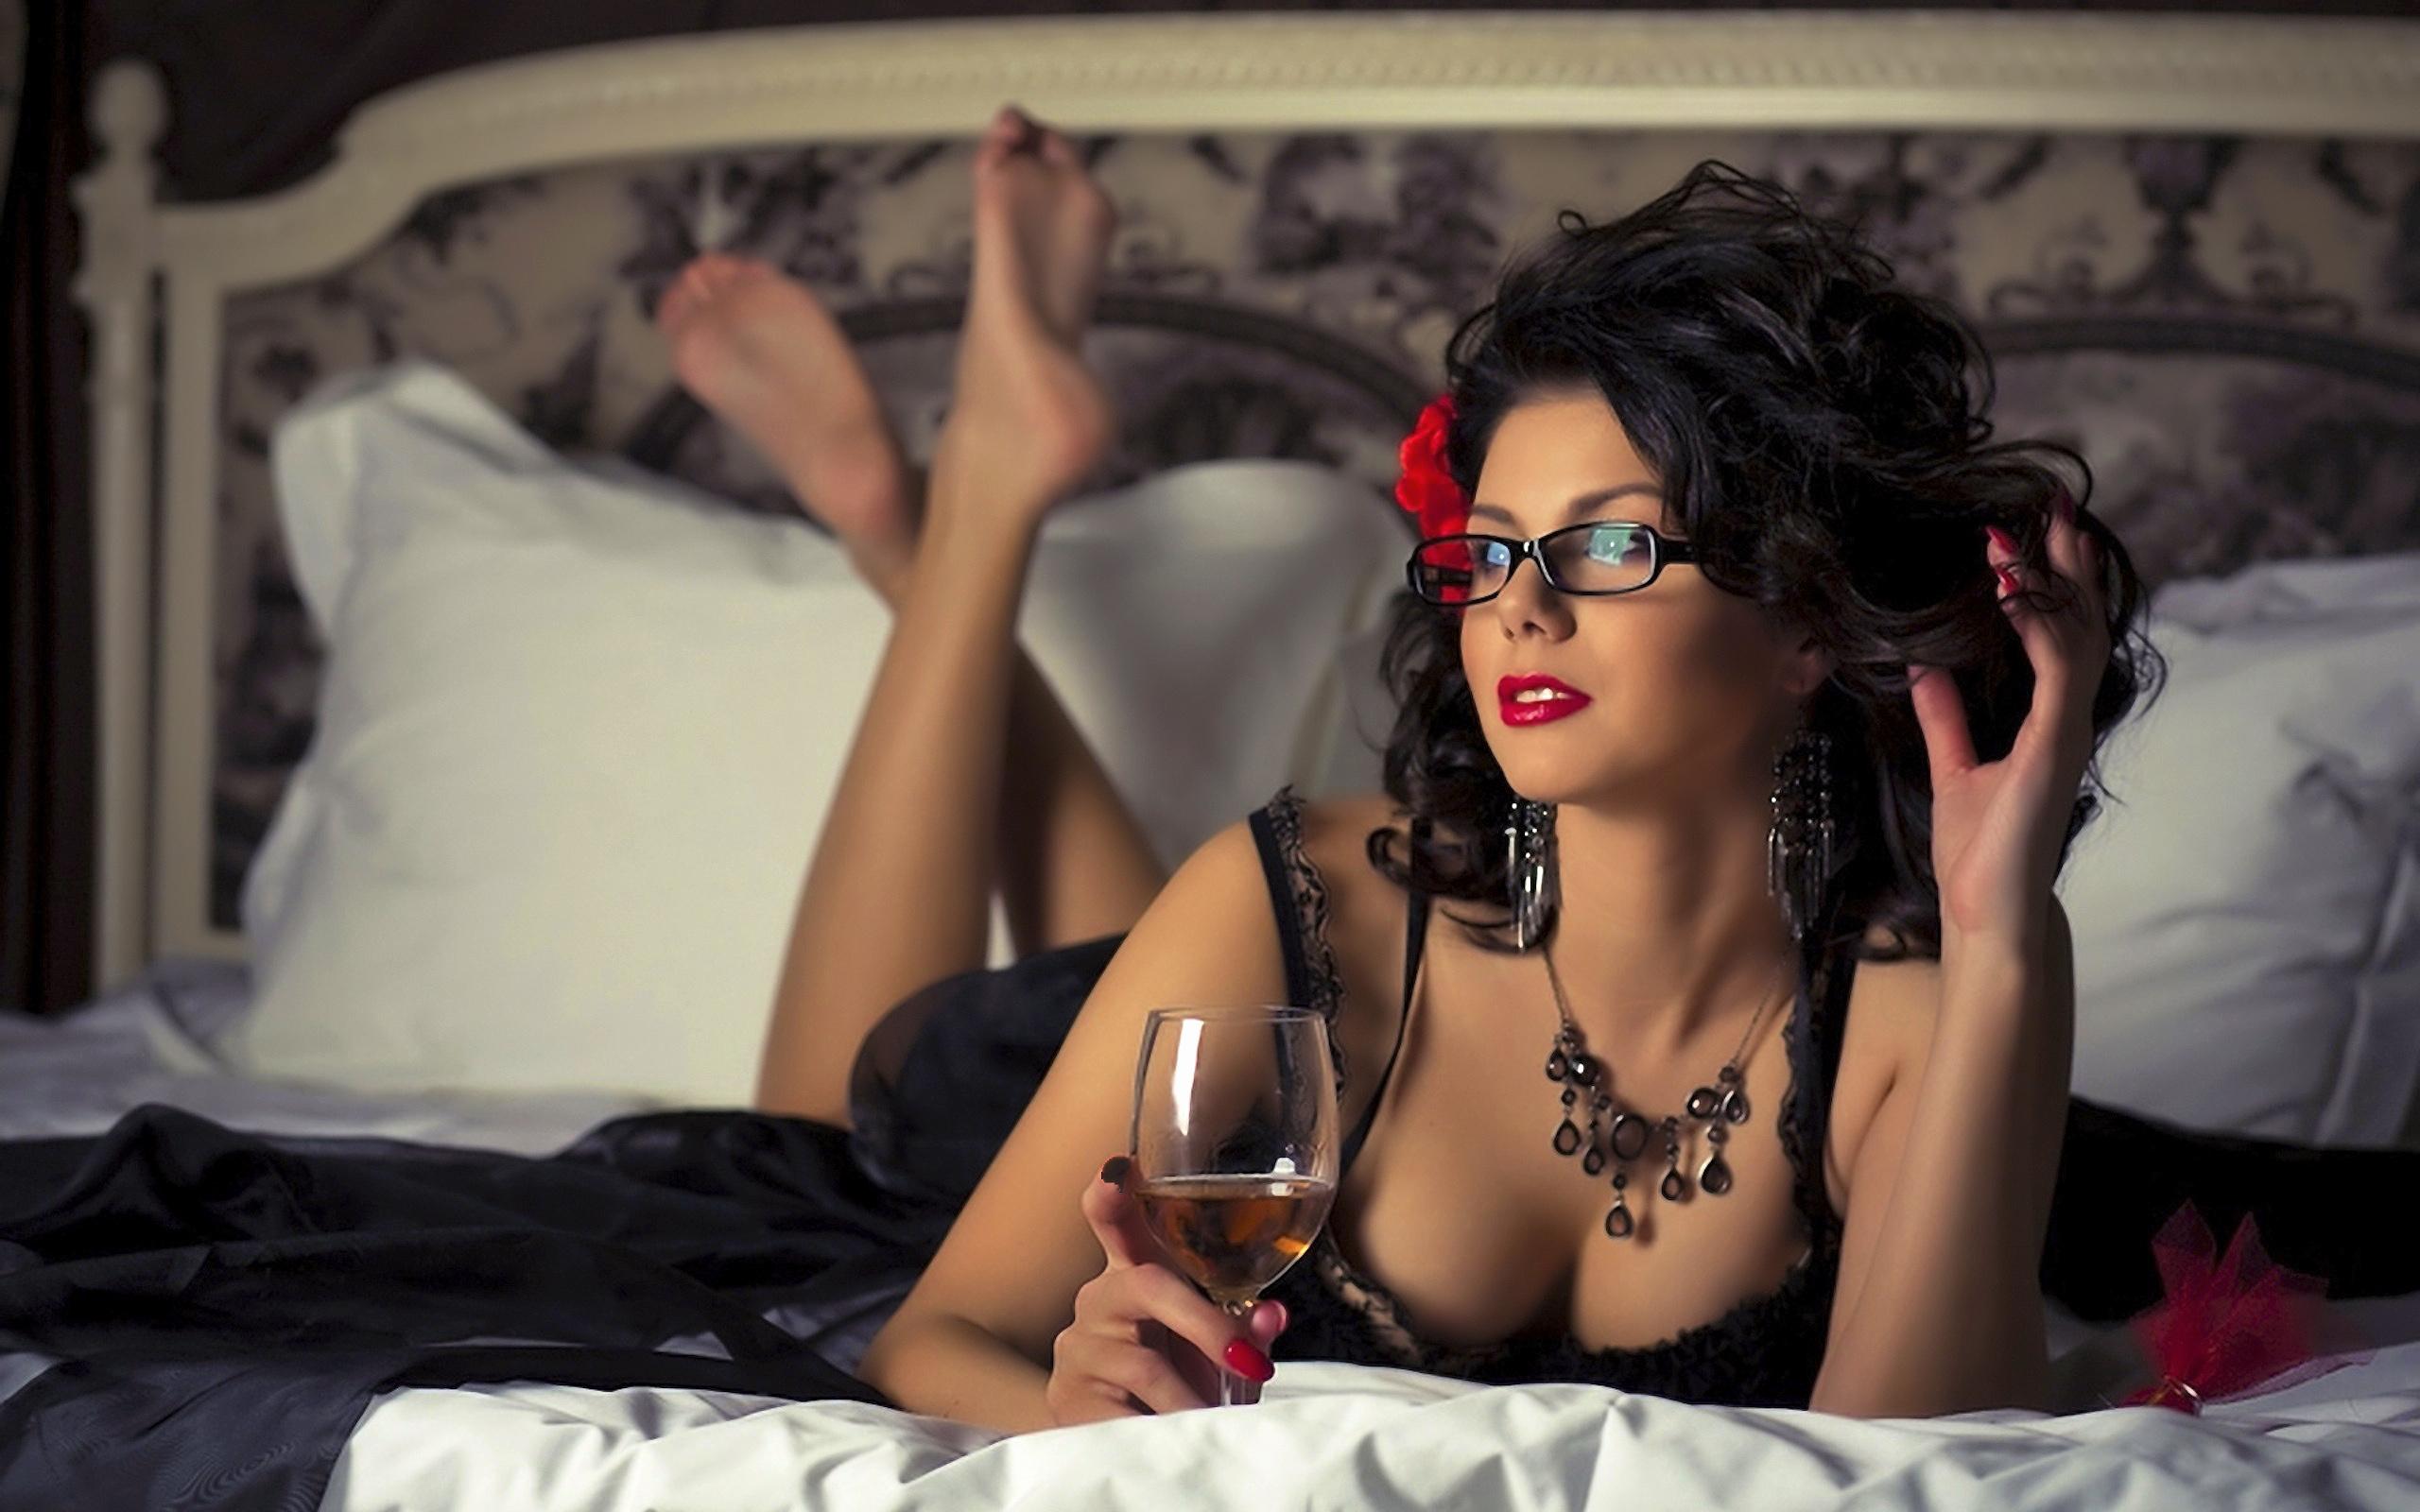 Секс с отборными роскошными дамами на досуге  324265